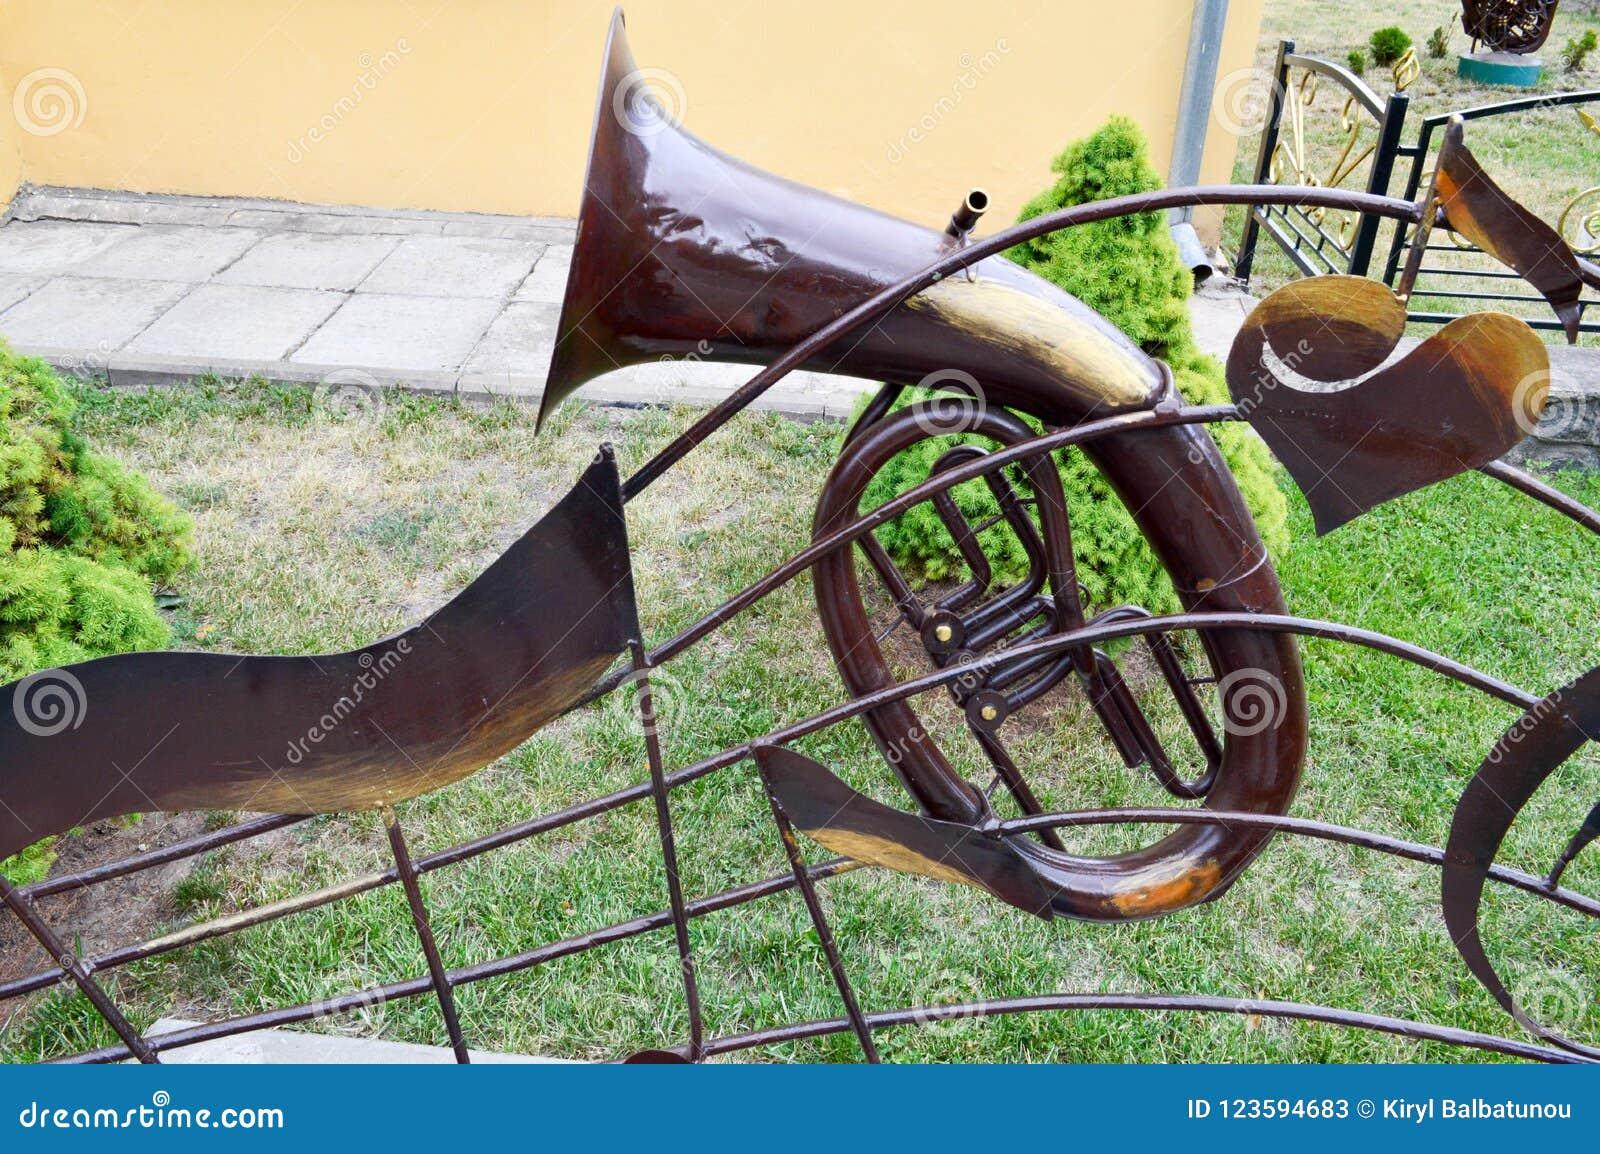 Ijzer bruine muzikale trompet, een pijp voor het spelen van muziek op een achtergrond van groen gras